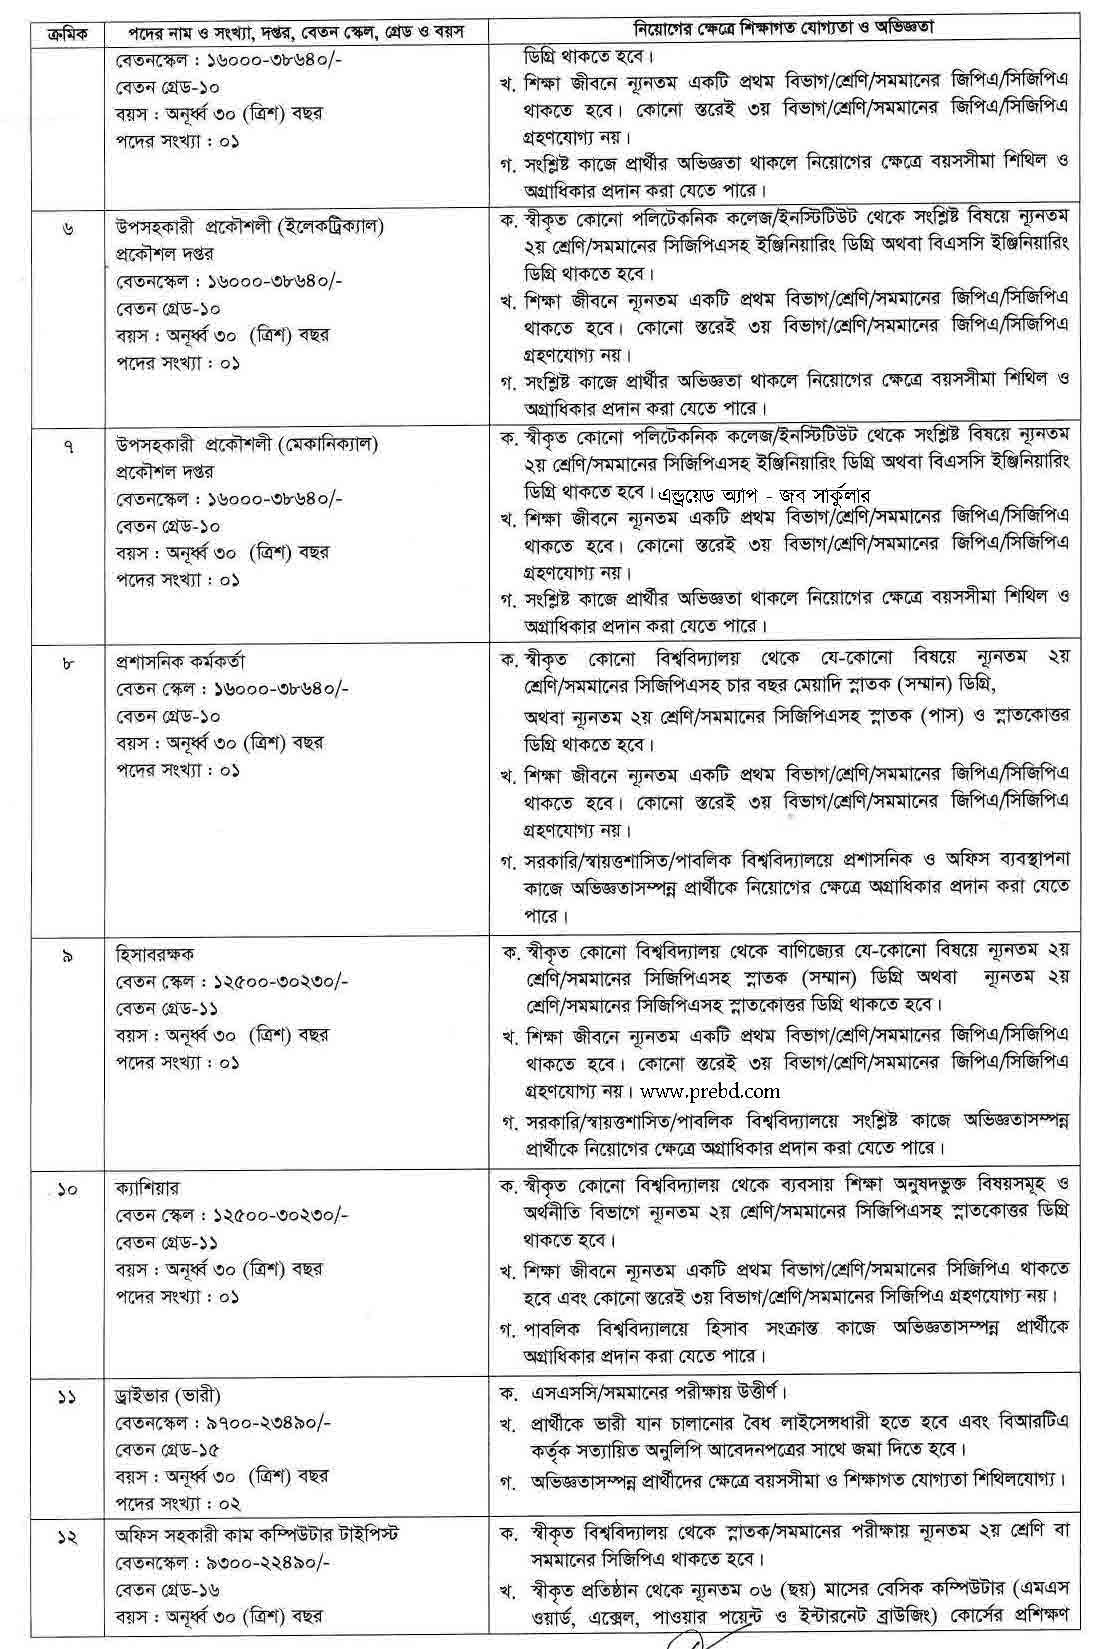 রবীন্দ্র বিশ্ববিদ্যালয়, বাংলাদেশ এ নিয়োগ বিজ্ঞপ্তি ২০২১ | www.rub.ac.bd Job circular 2021.jpg